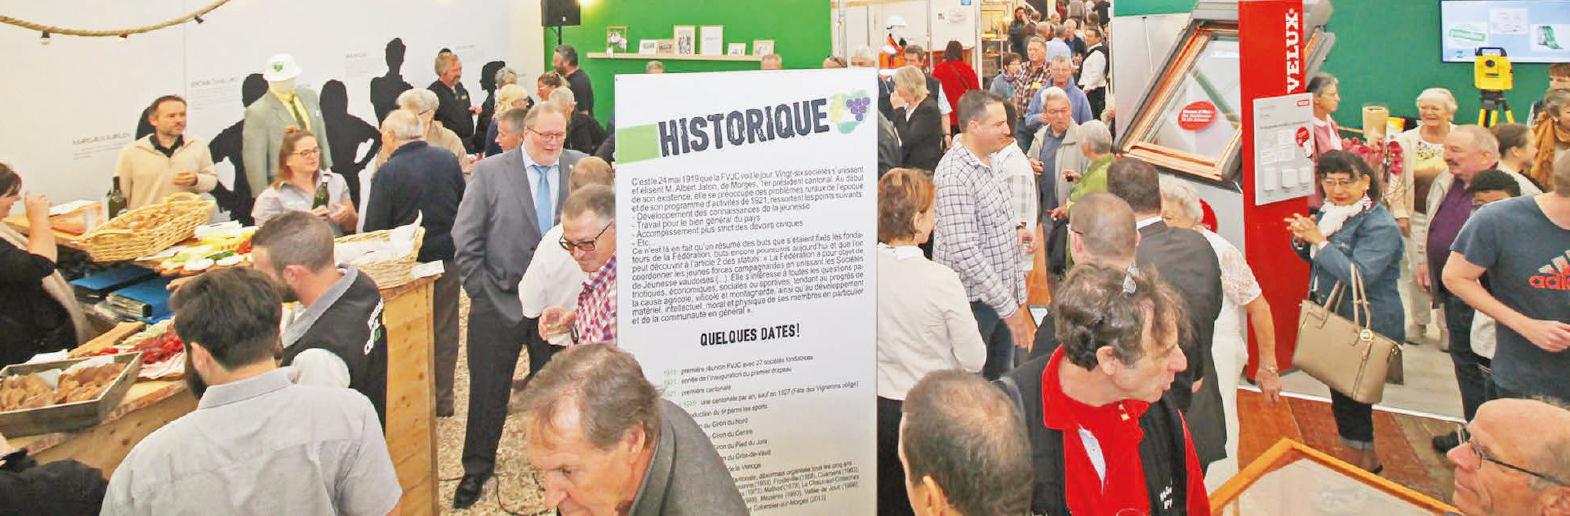 Gazette de l'Expo de Coss – Apéro officiel de la FVJC, invitée d'honneur